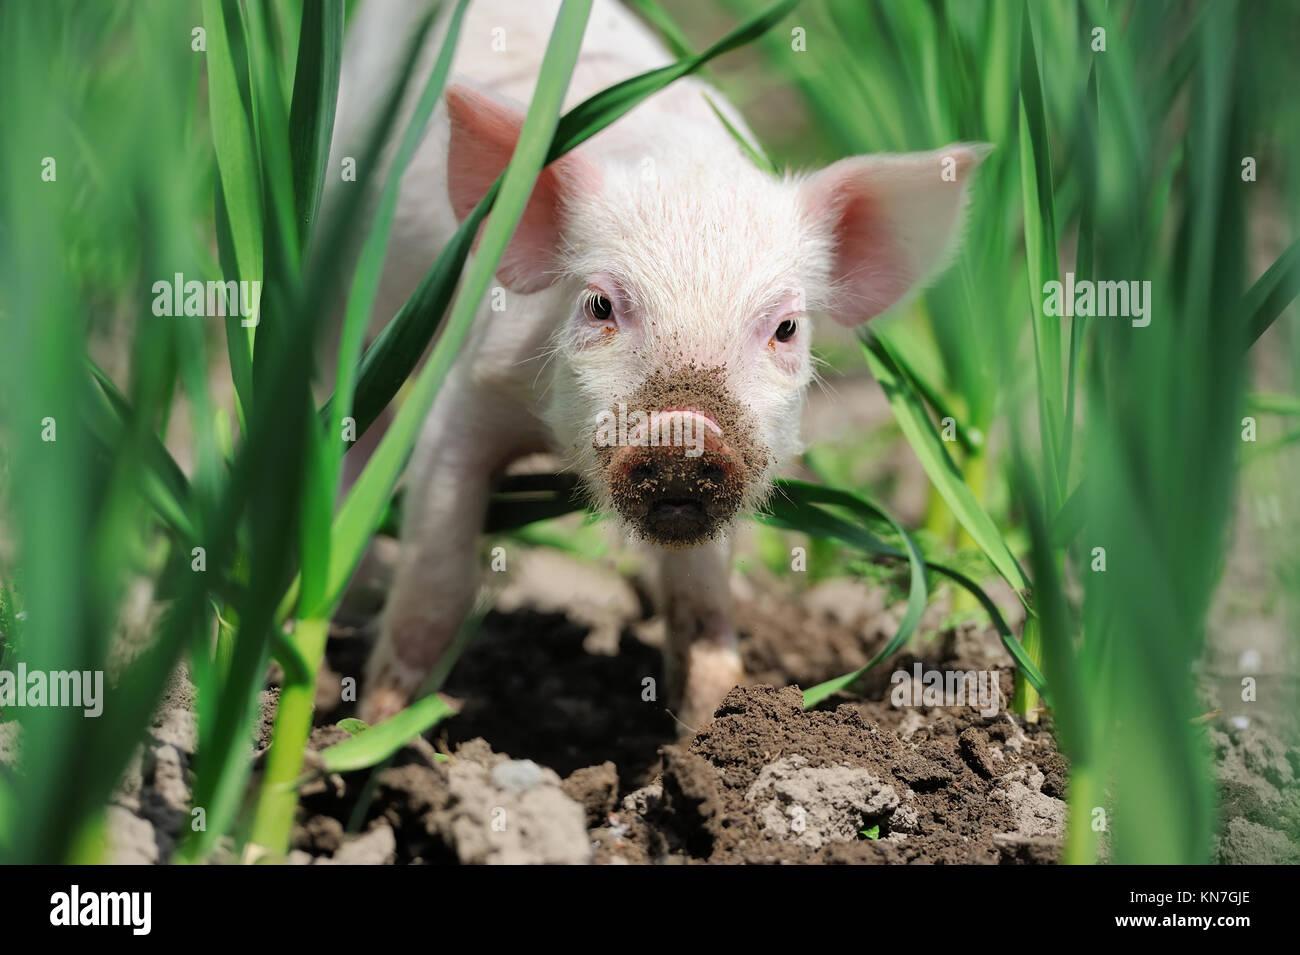 Maialino sulla molla di erba verde in un agriturismo Immagini Stock